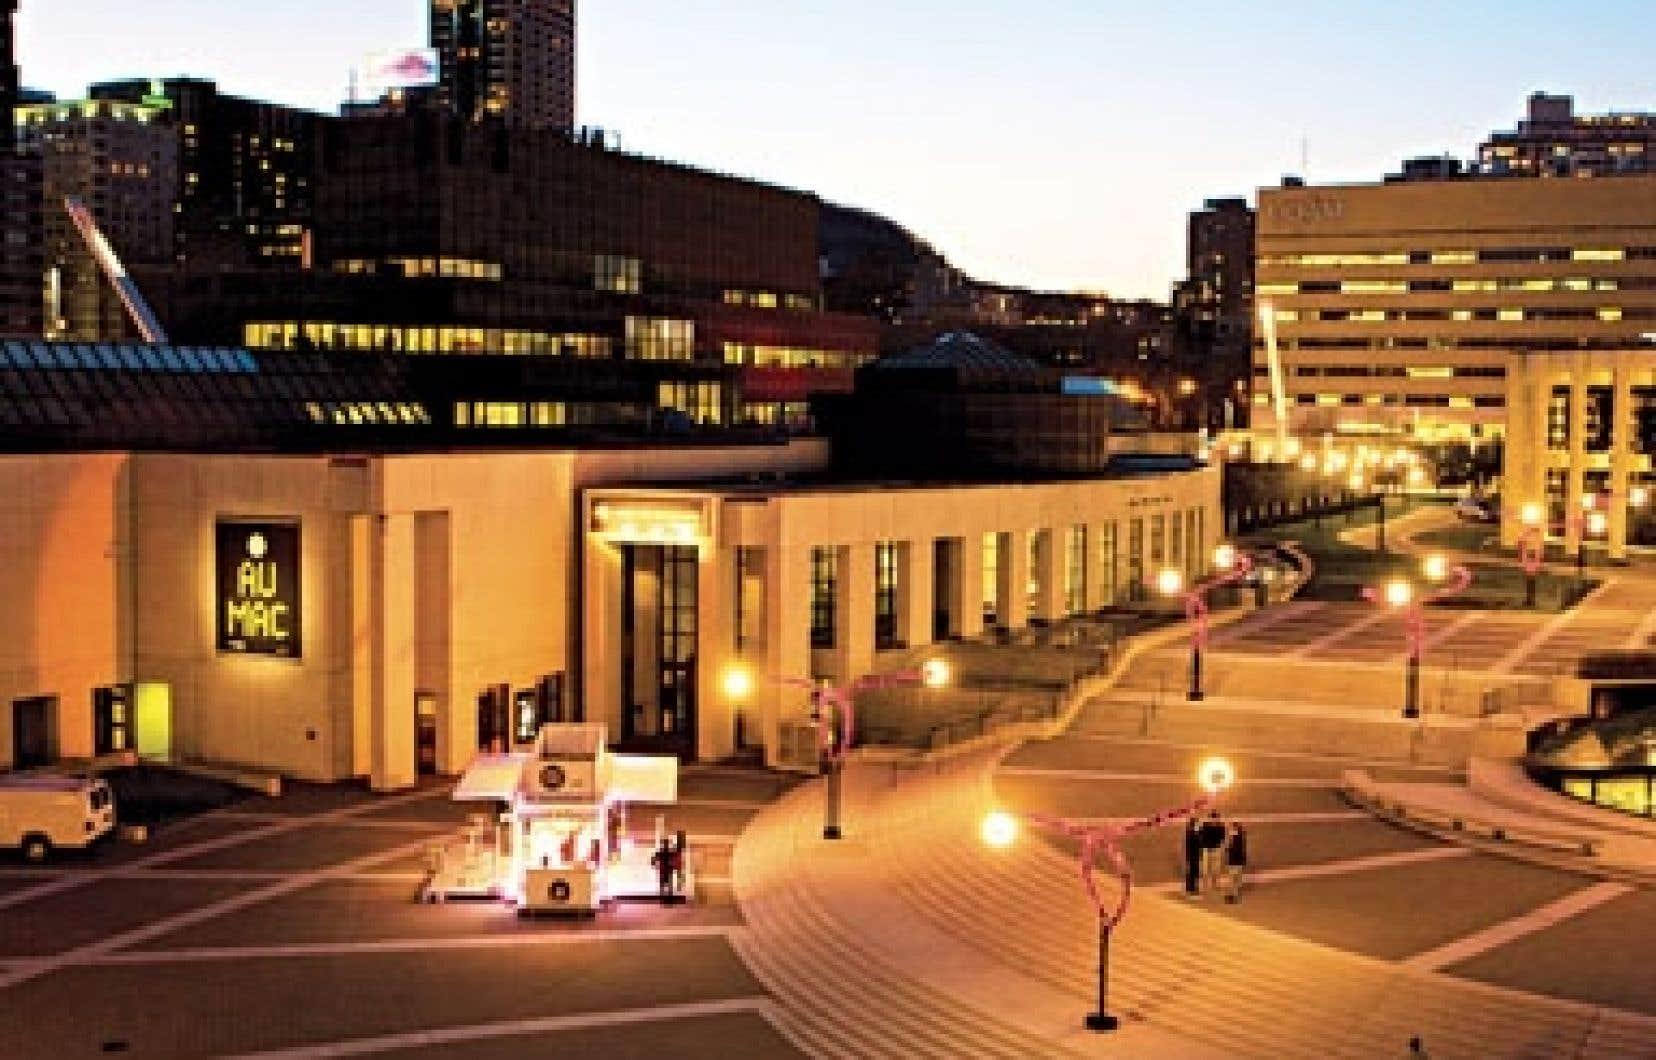 Le Musée d'art contemporain de Montréal